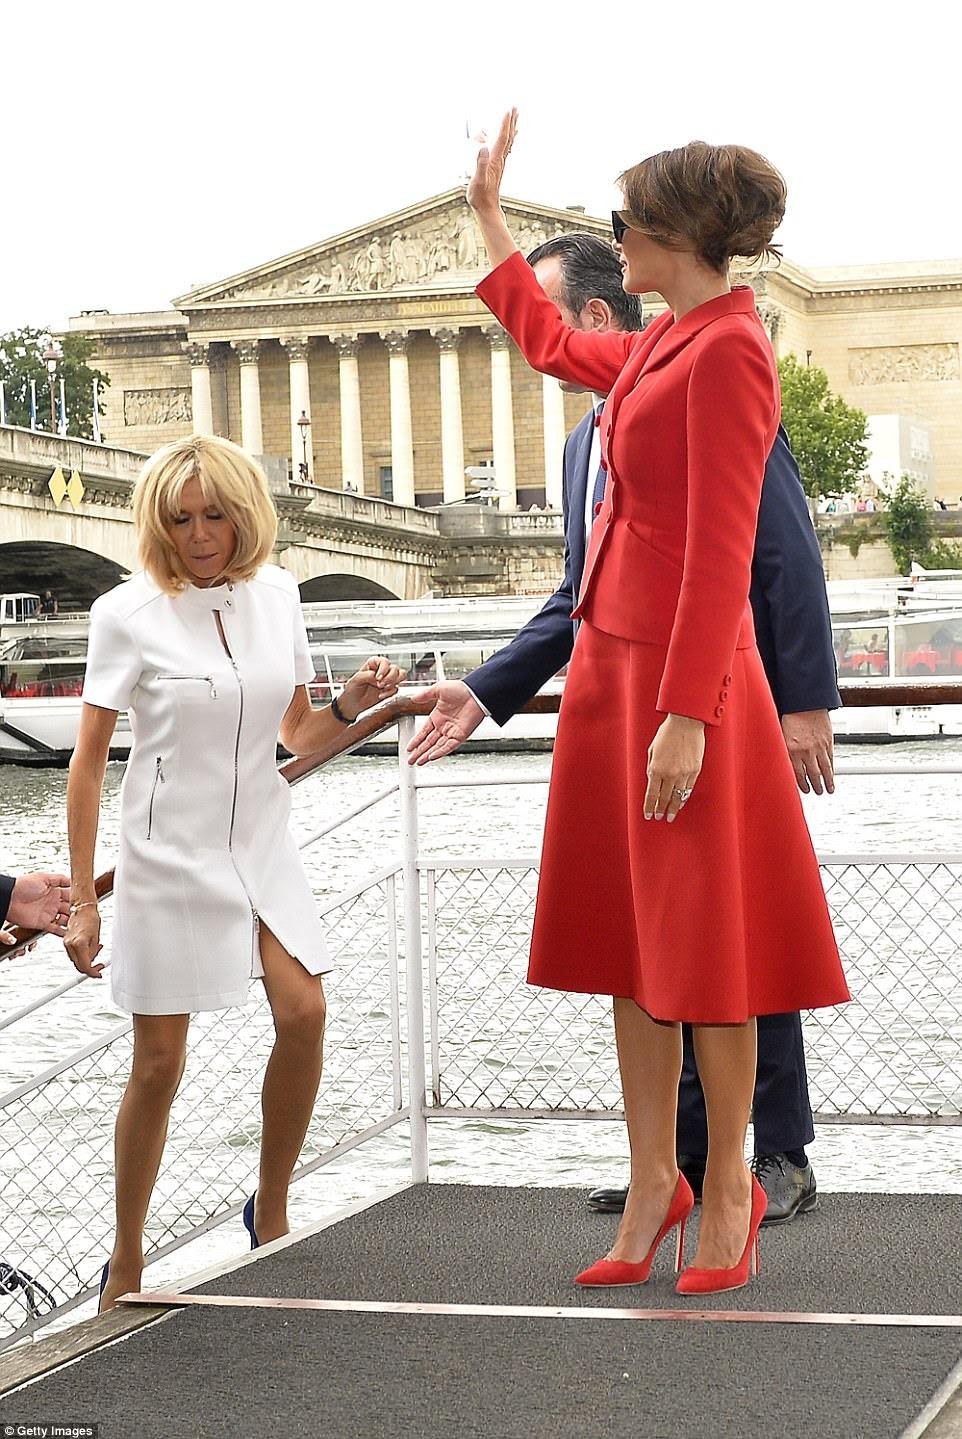 Les femmes ont fait une balade dans la Seine, tandis que leurs mariés ont acheté une boutique et ont tenu une conférence de presse